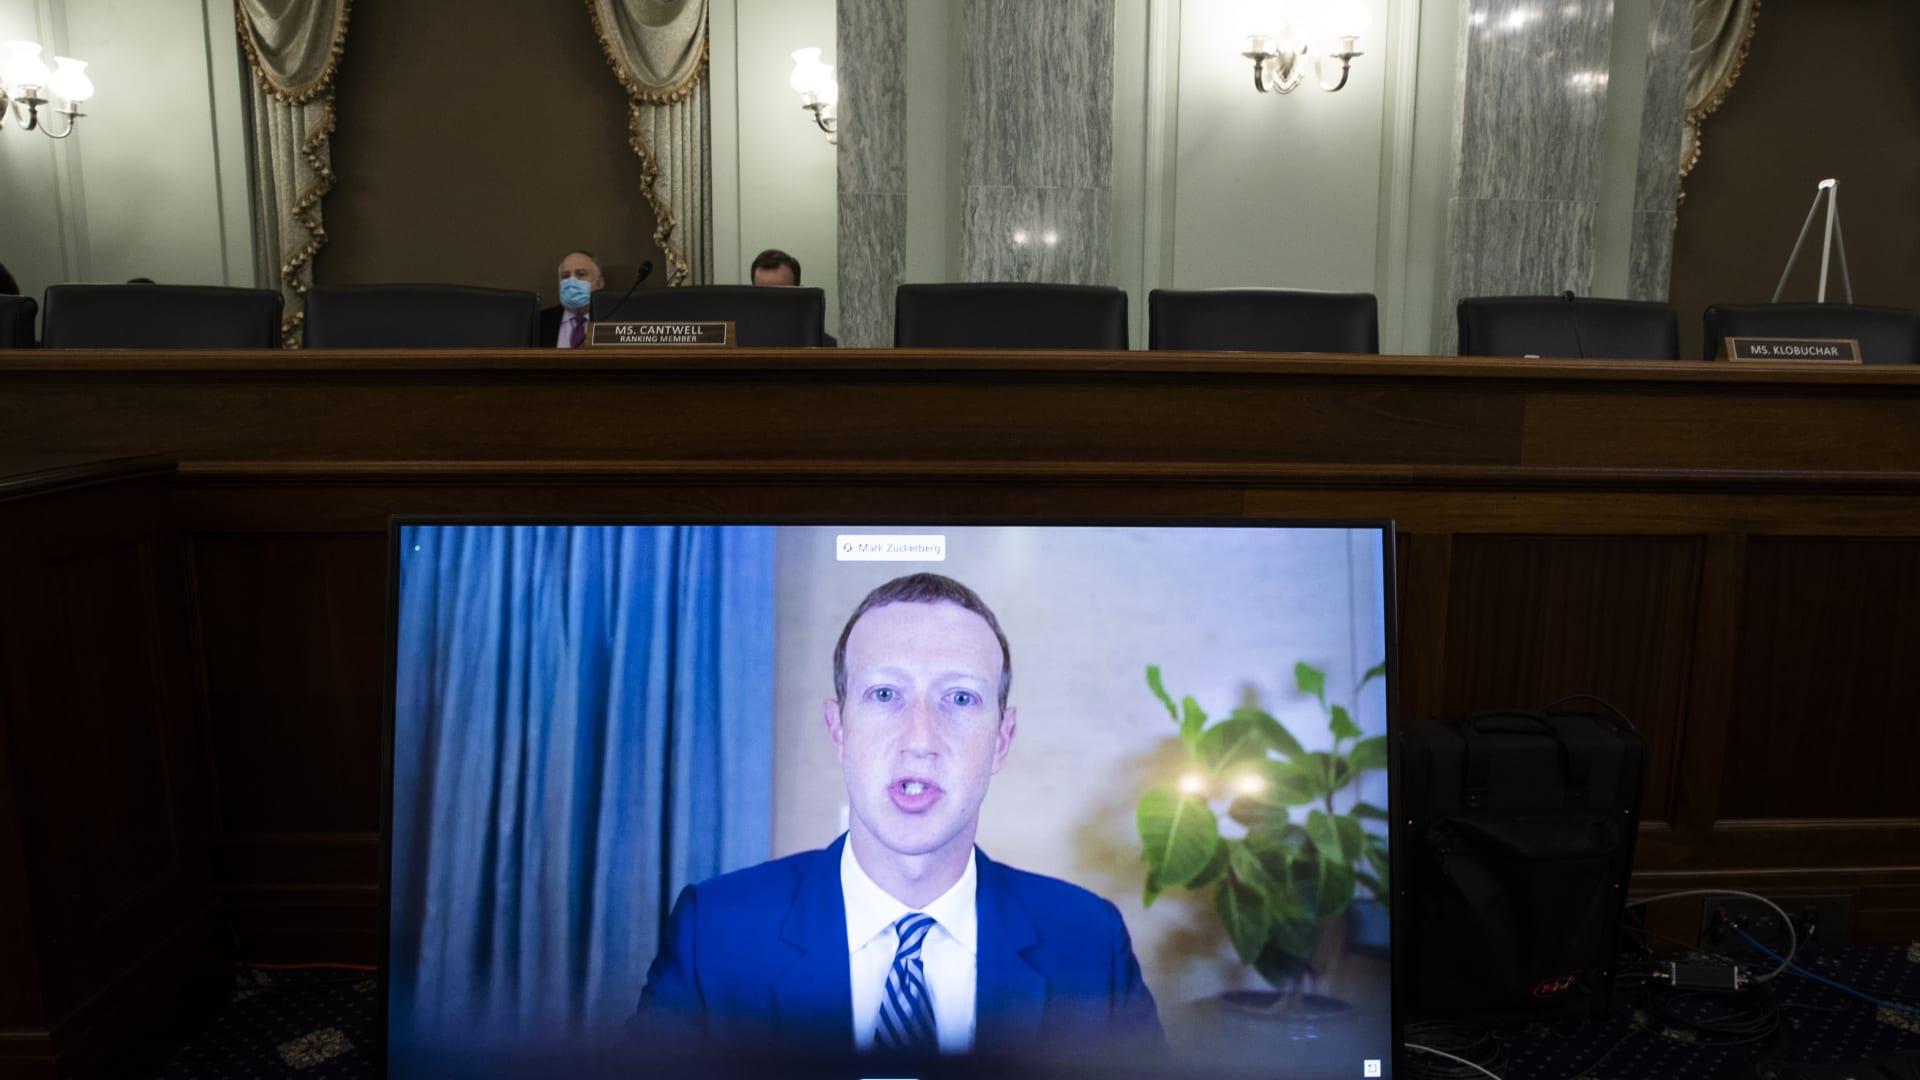 استجواب المدراء التنفيذيين لفيسبوك وتويتر وغوغل أمام الكونغرس بشأن المعلومات المضللة